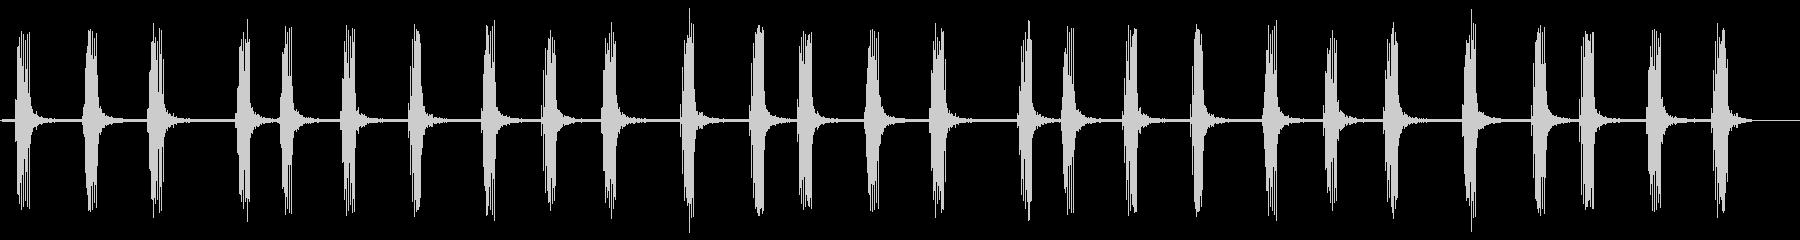 フクロウ-森林鳥の未再生の波形